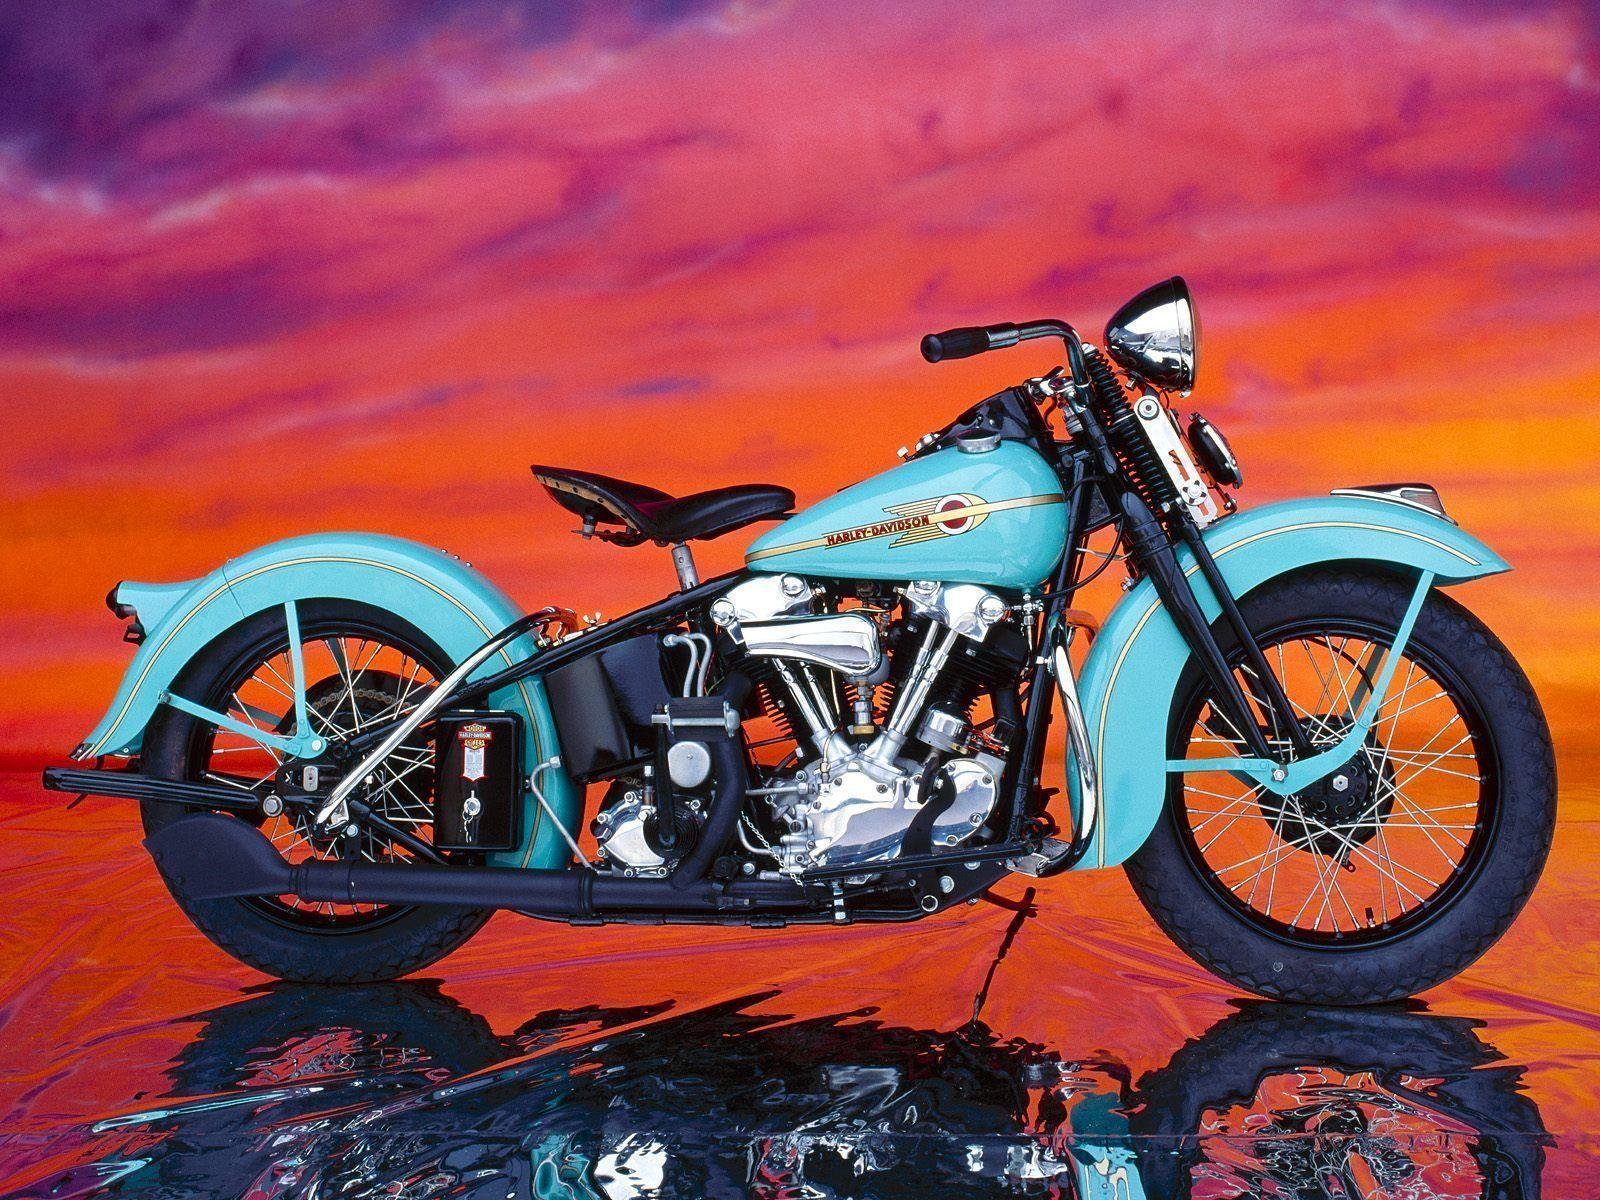 Harley davidson backgrounds free wallpaper cave - Free harley davidson wallpaper for android ...